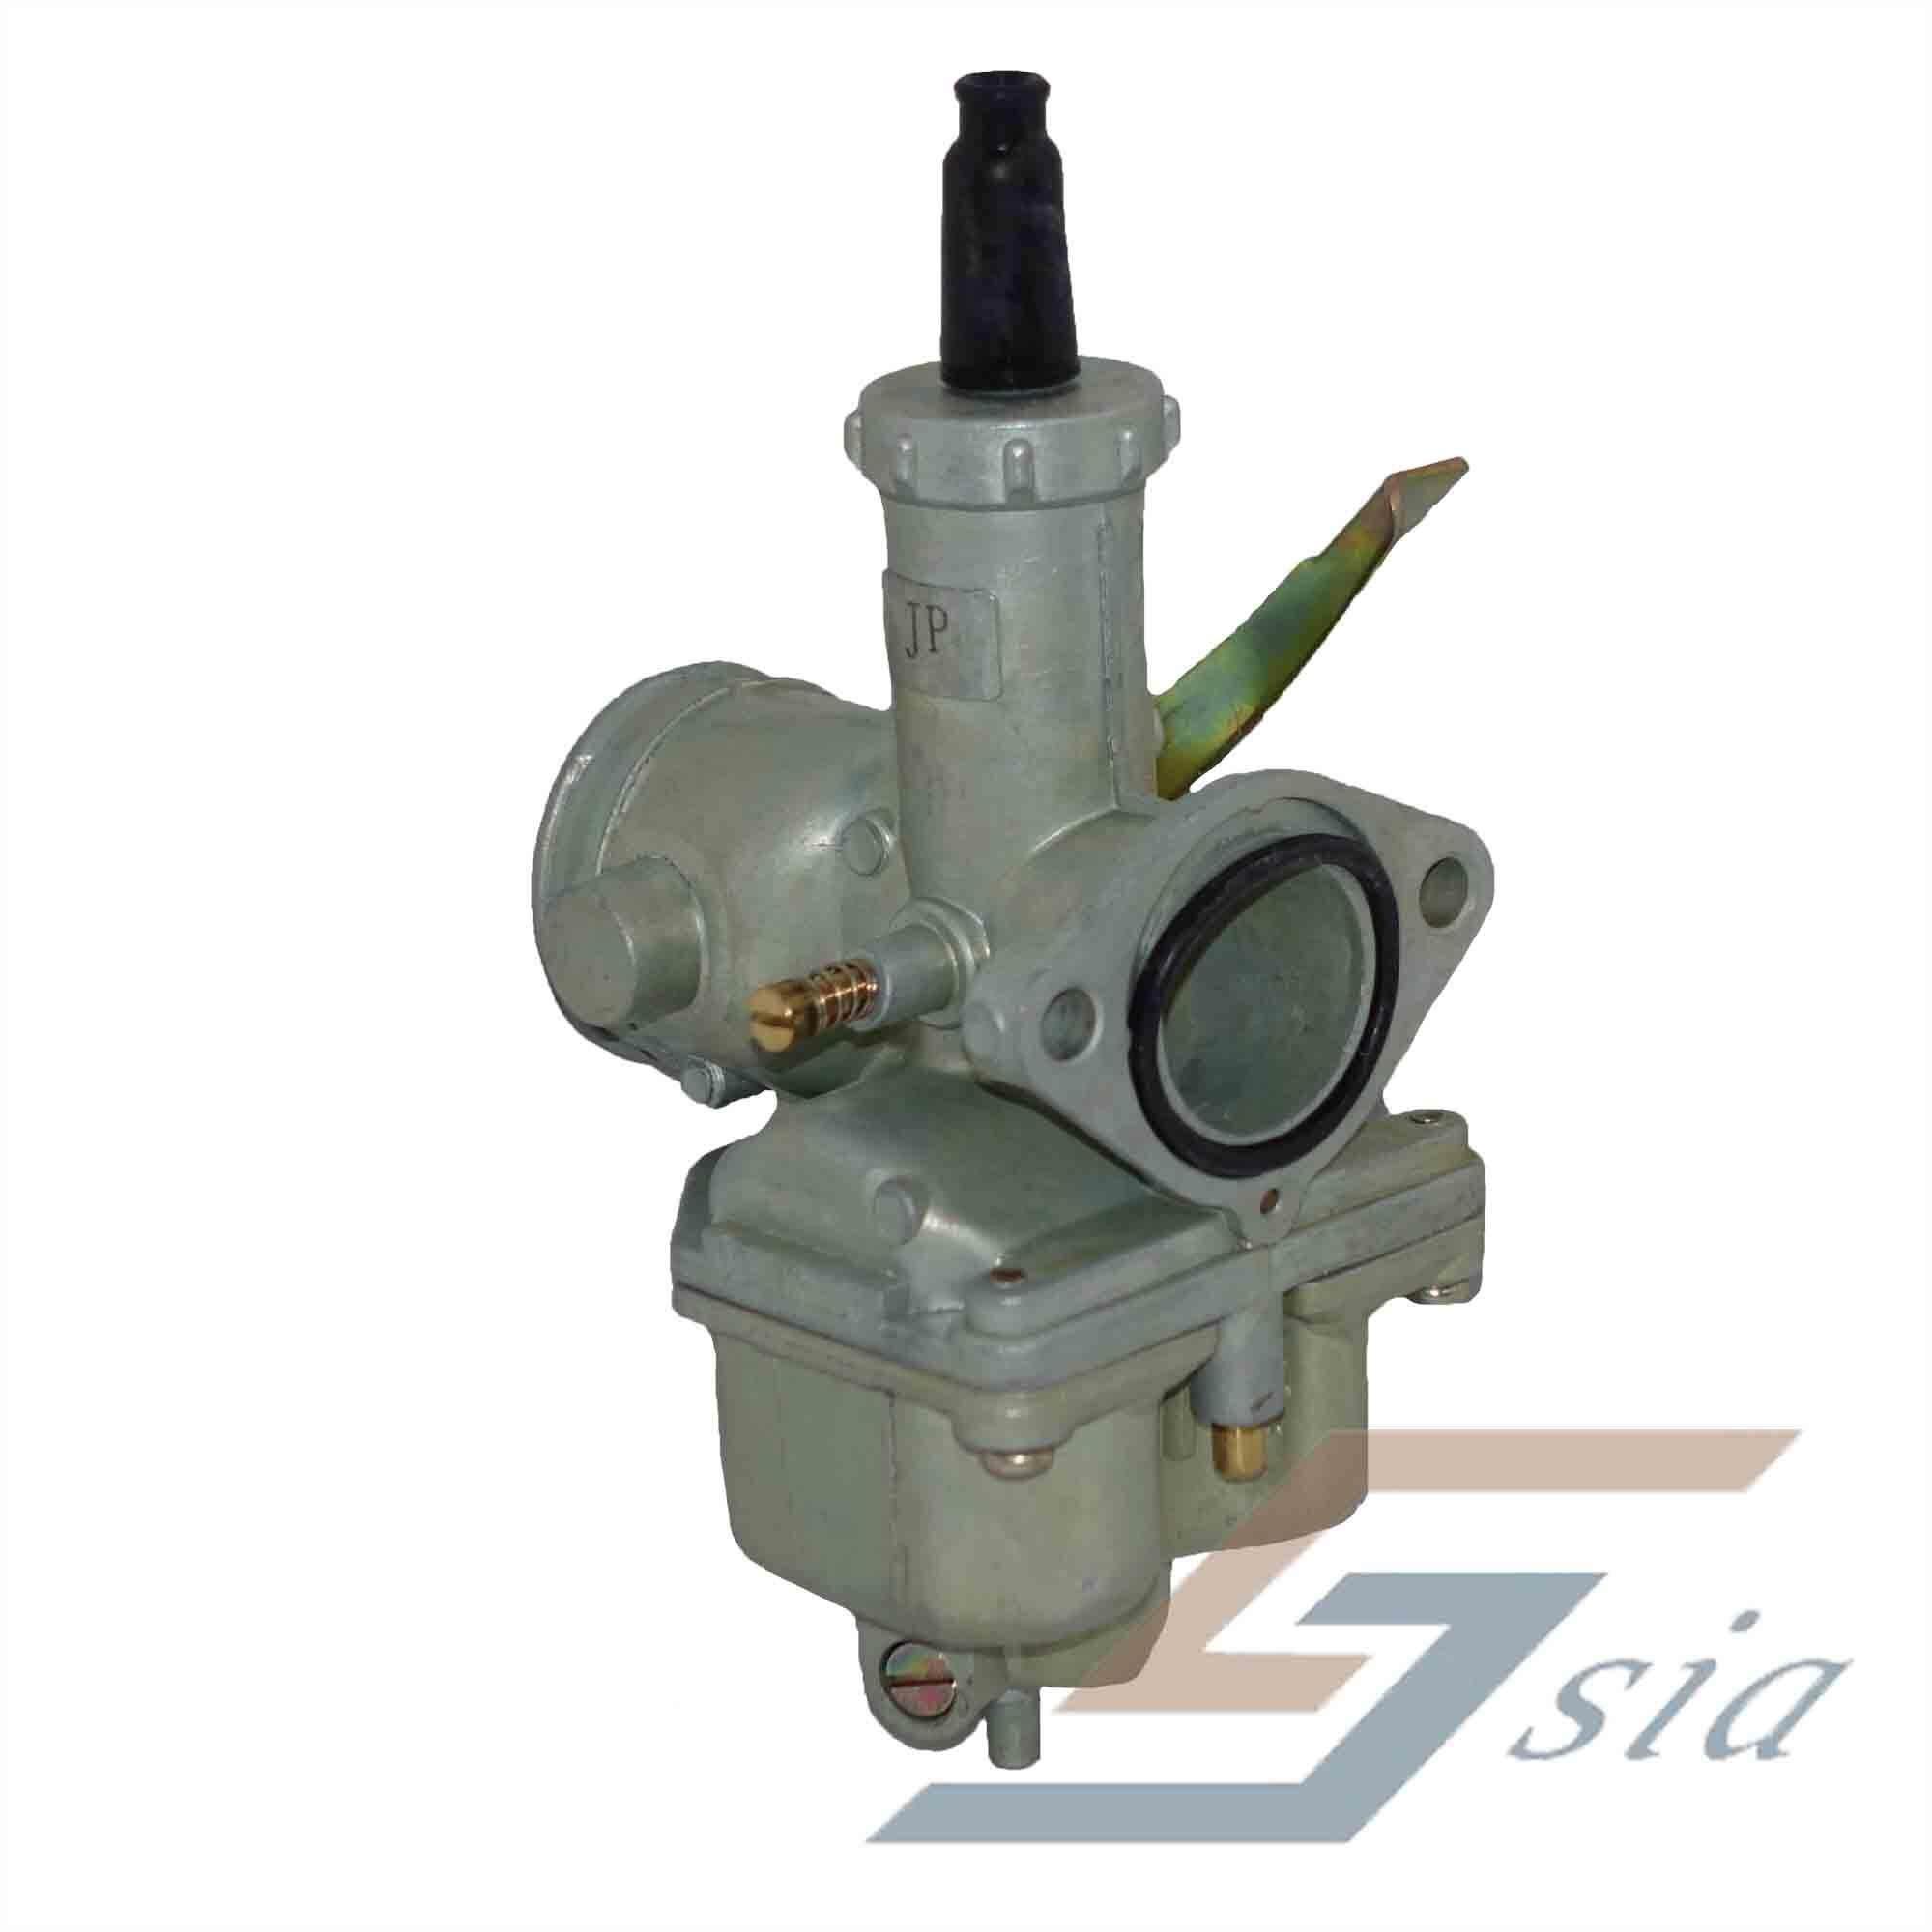 Motor Carburetors Parts Buy At Best Wiring Harness Iding Machine For Sale Honda Cg125 Carburetor Assy